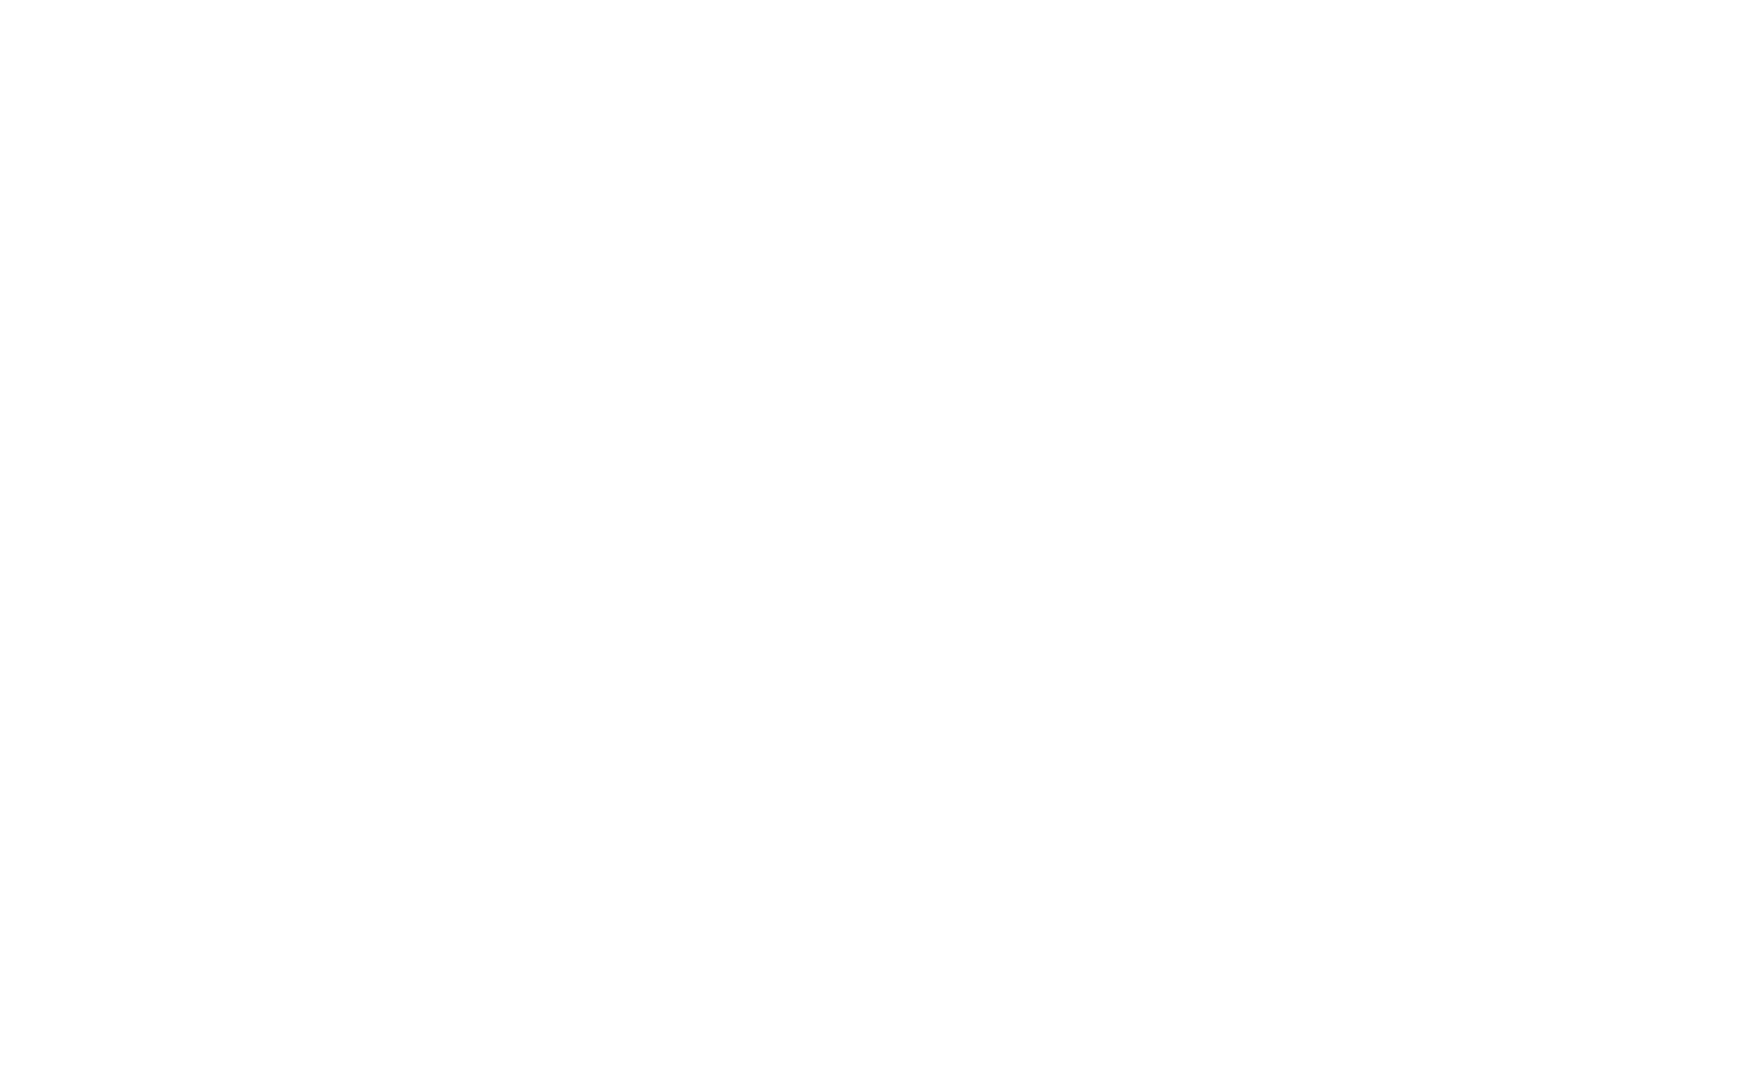 mh_whitelogo